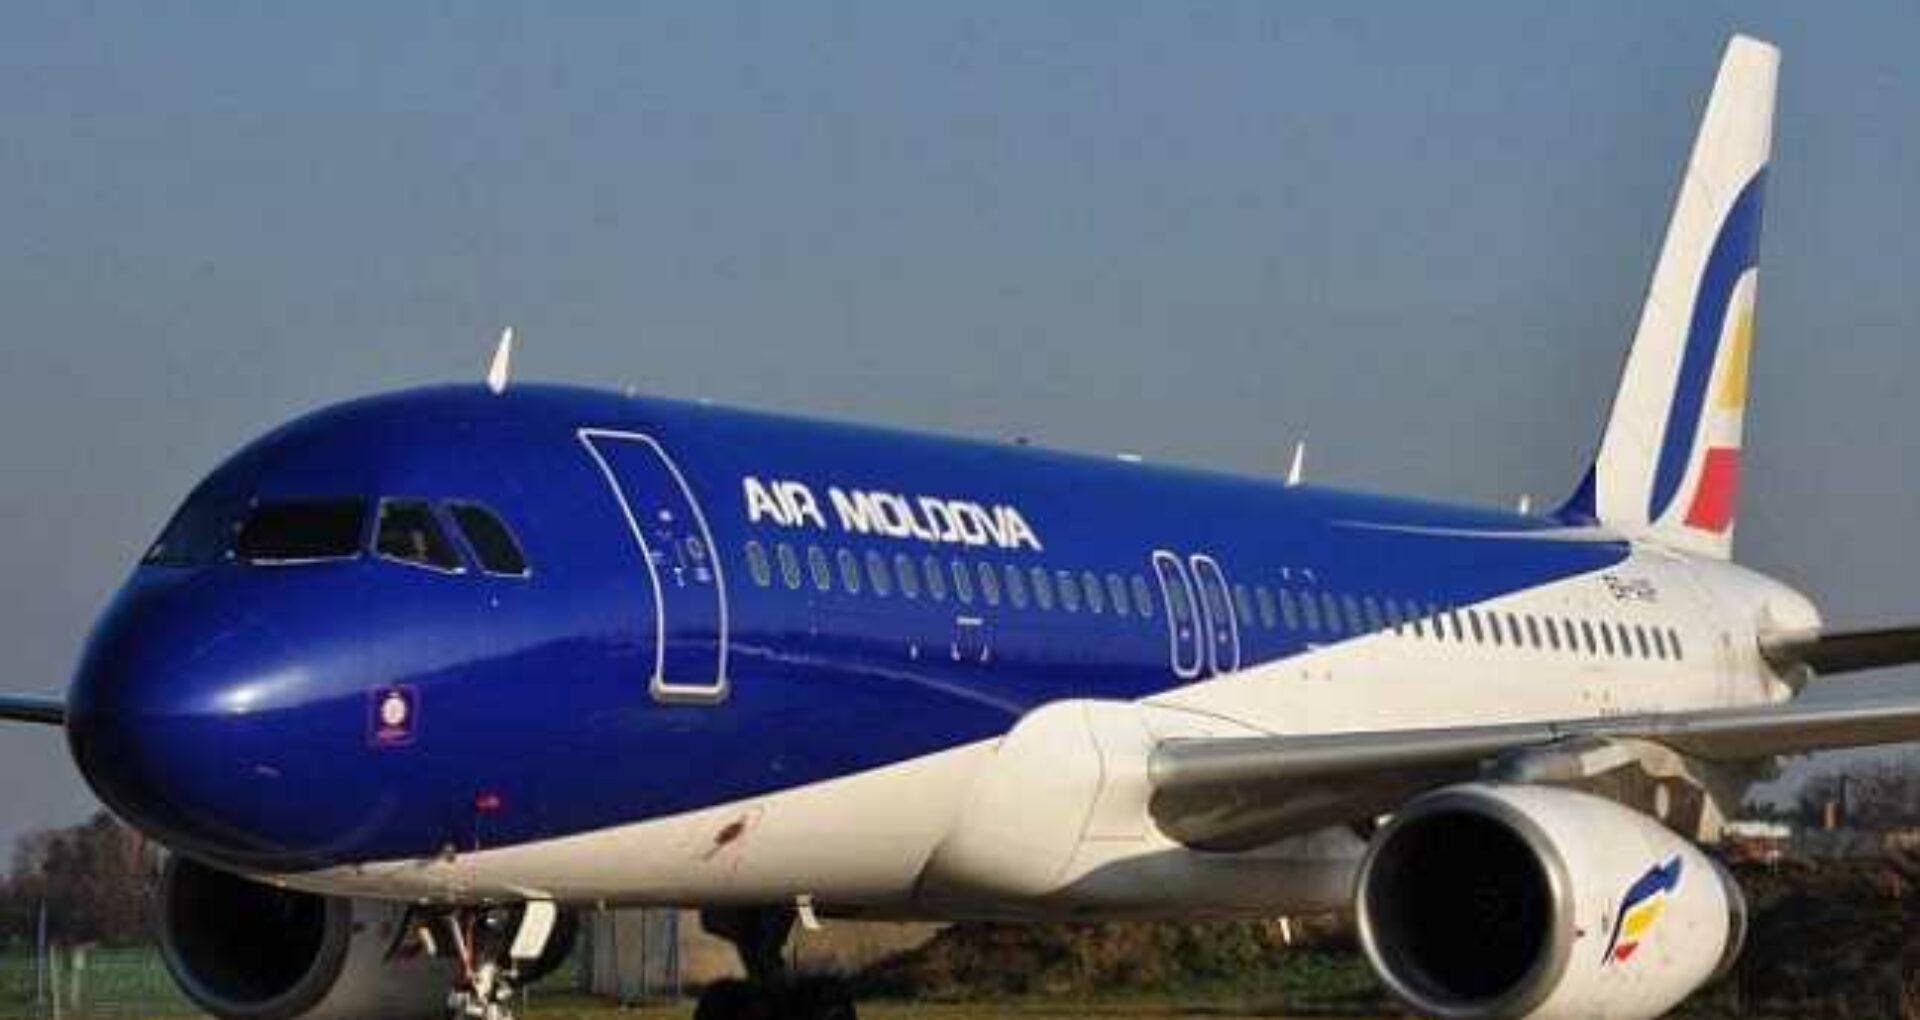 VIDEO/ Un avion Air Moldova a fost reținut la sol pe aeroportul din Istanbul: Drept motiv pentru această acțiune a servit o datorie istorică